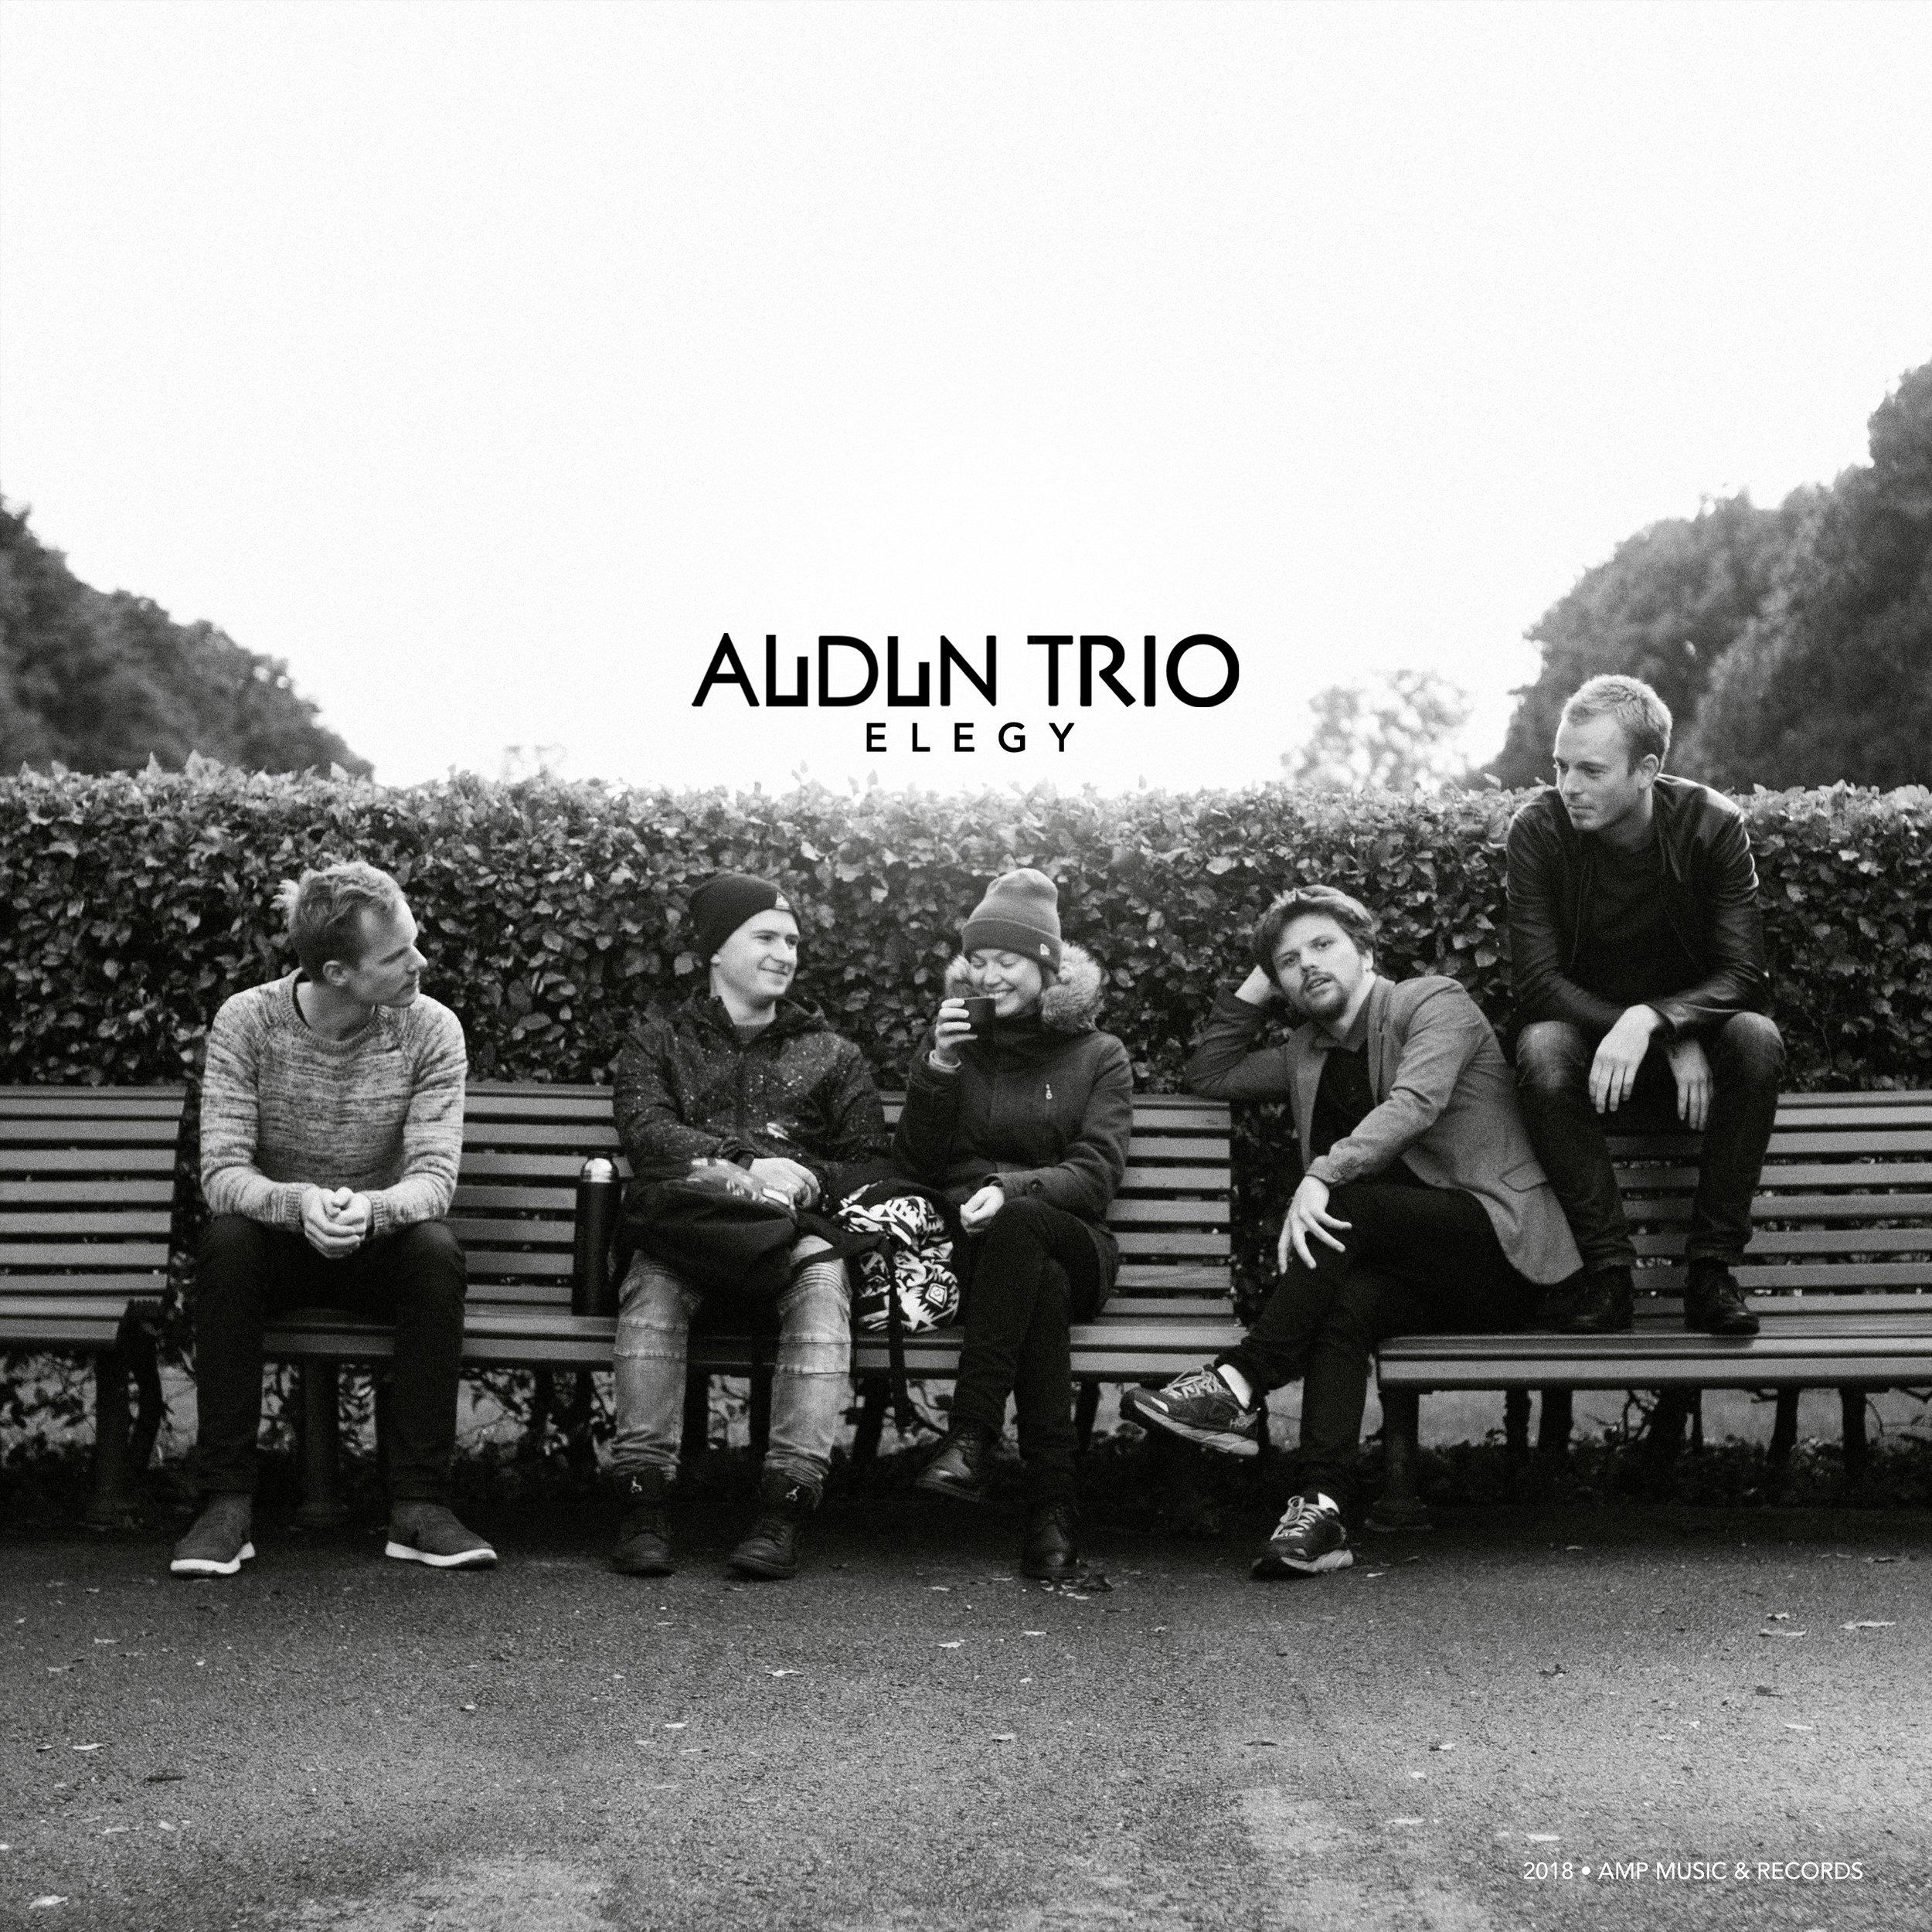 Audun Trio Elegy